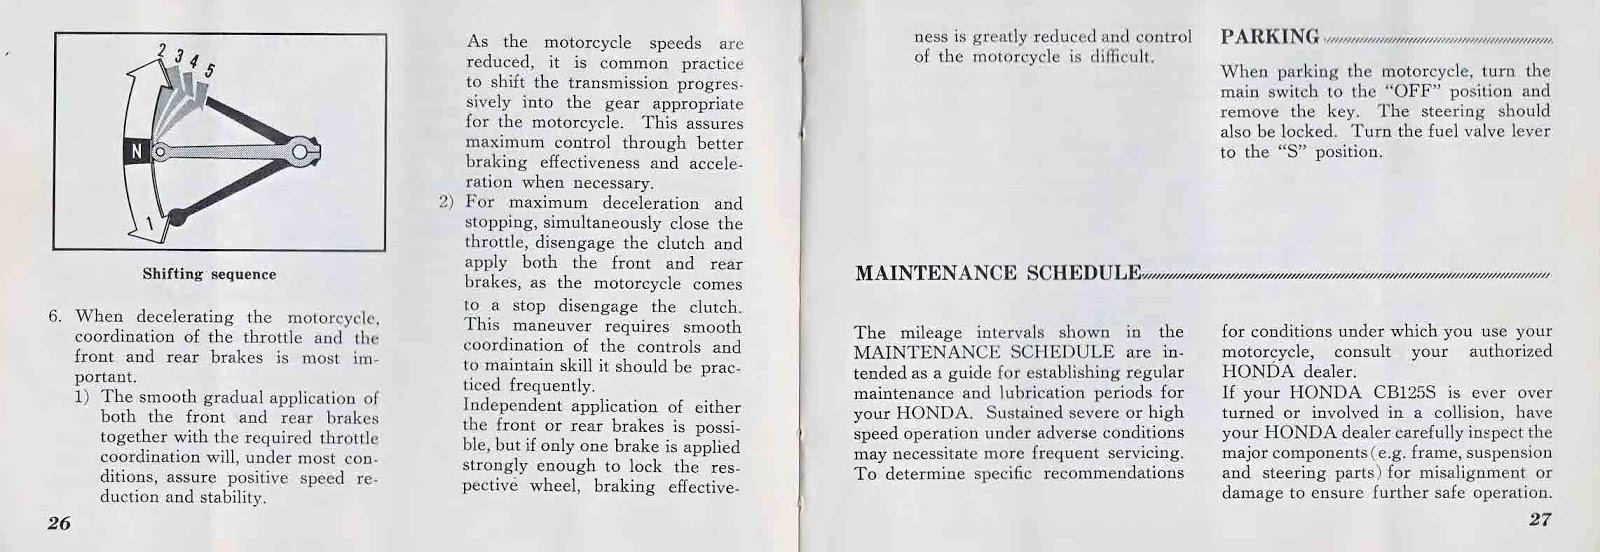 scican bravo 17 service manual